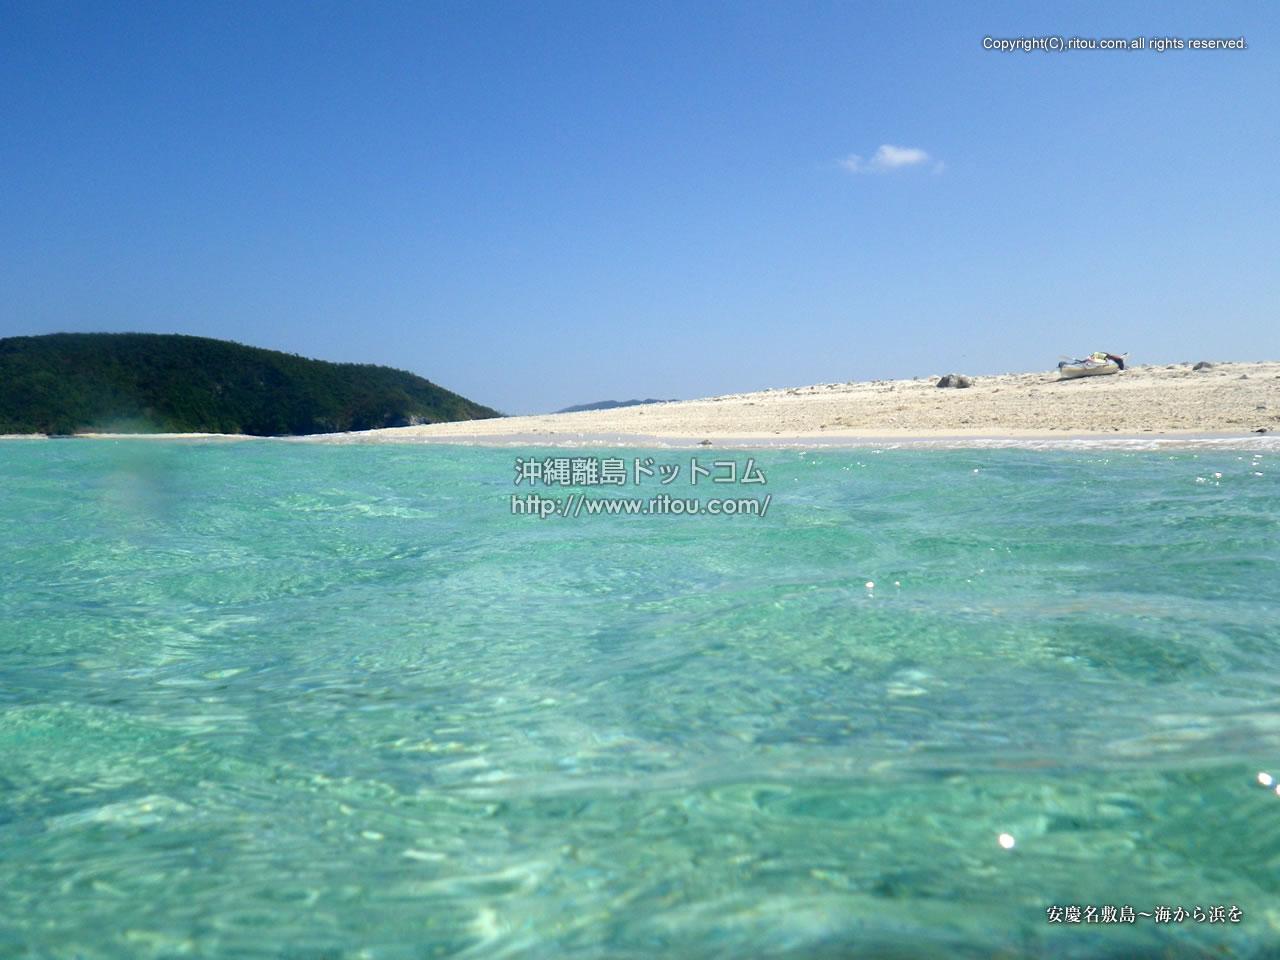 安慶名敷島〜海から浜を